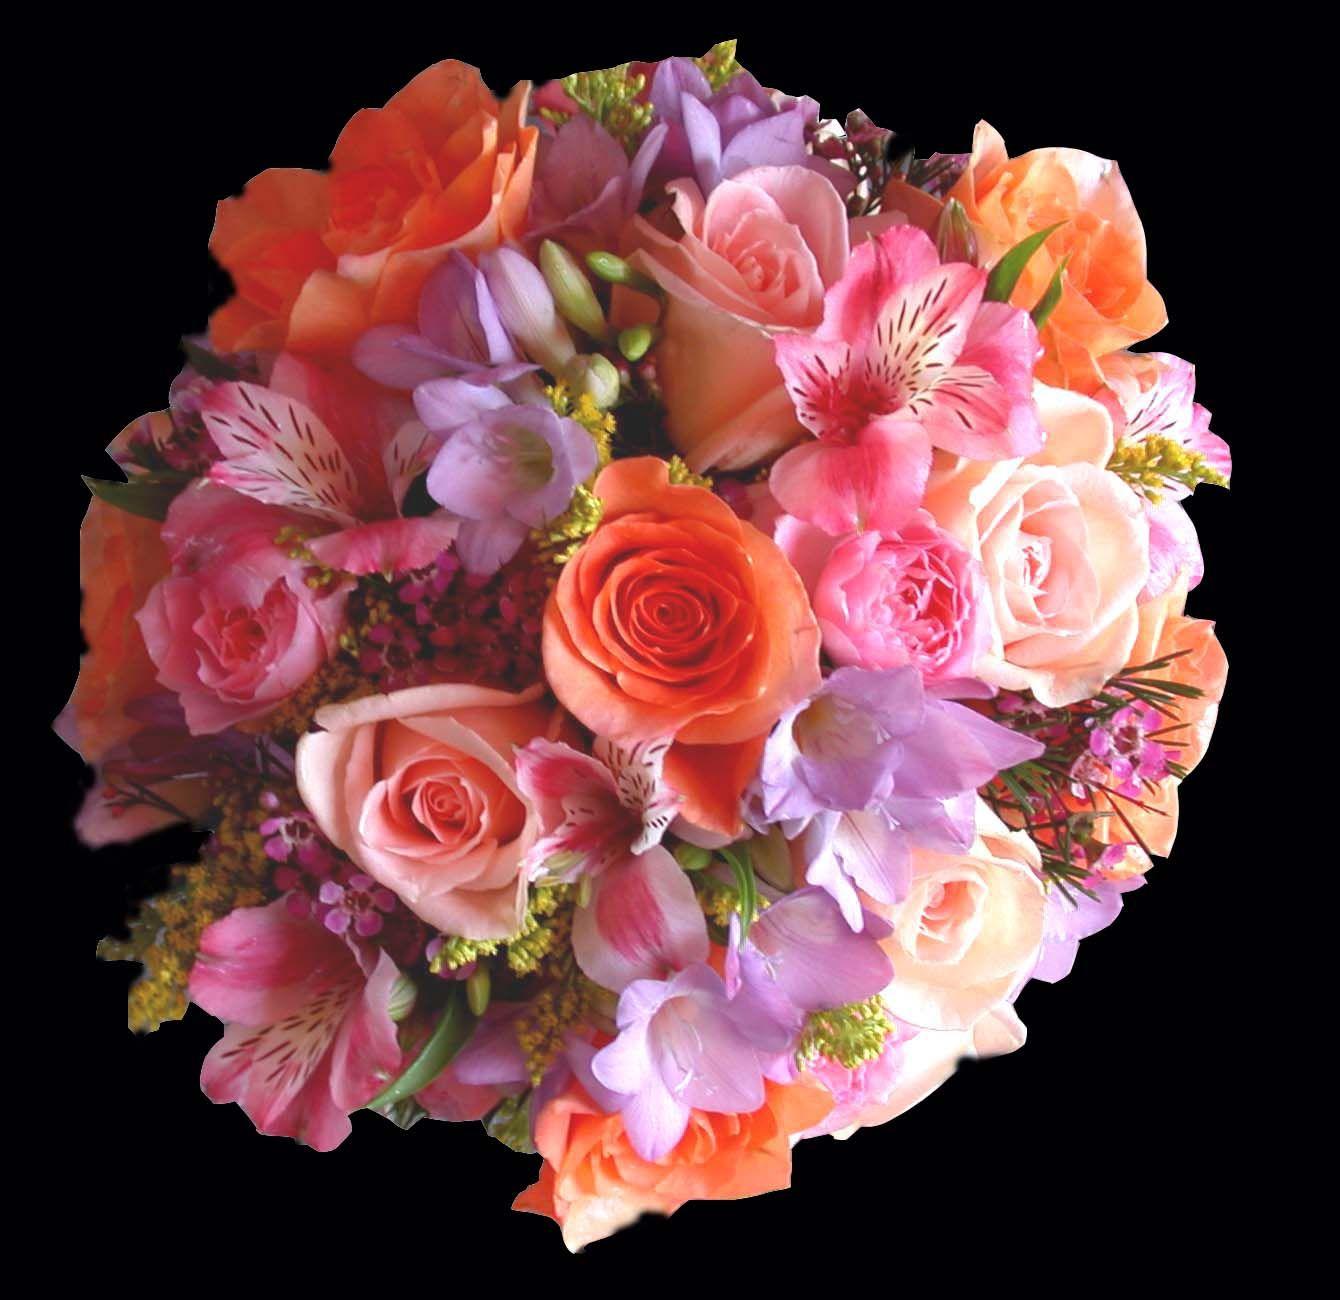 Pink Peach Mauve Lavender Wedding Flowers Bridal Bouquet